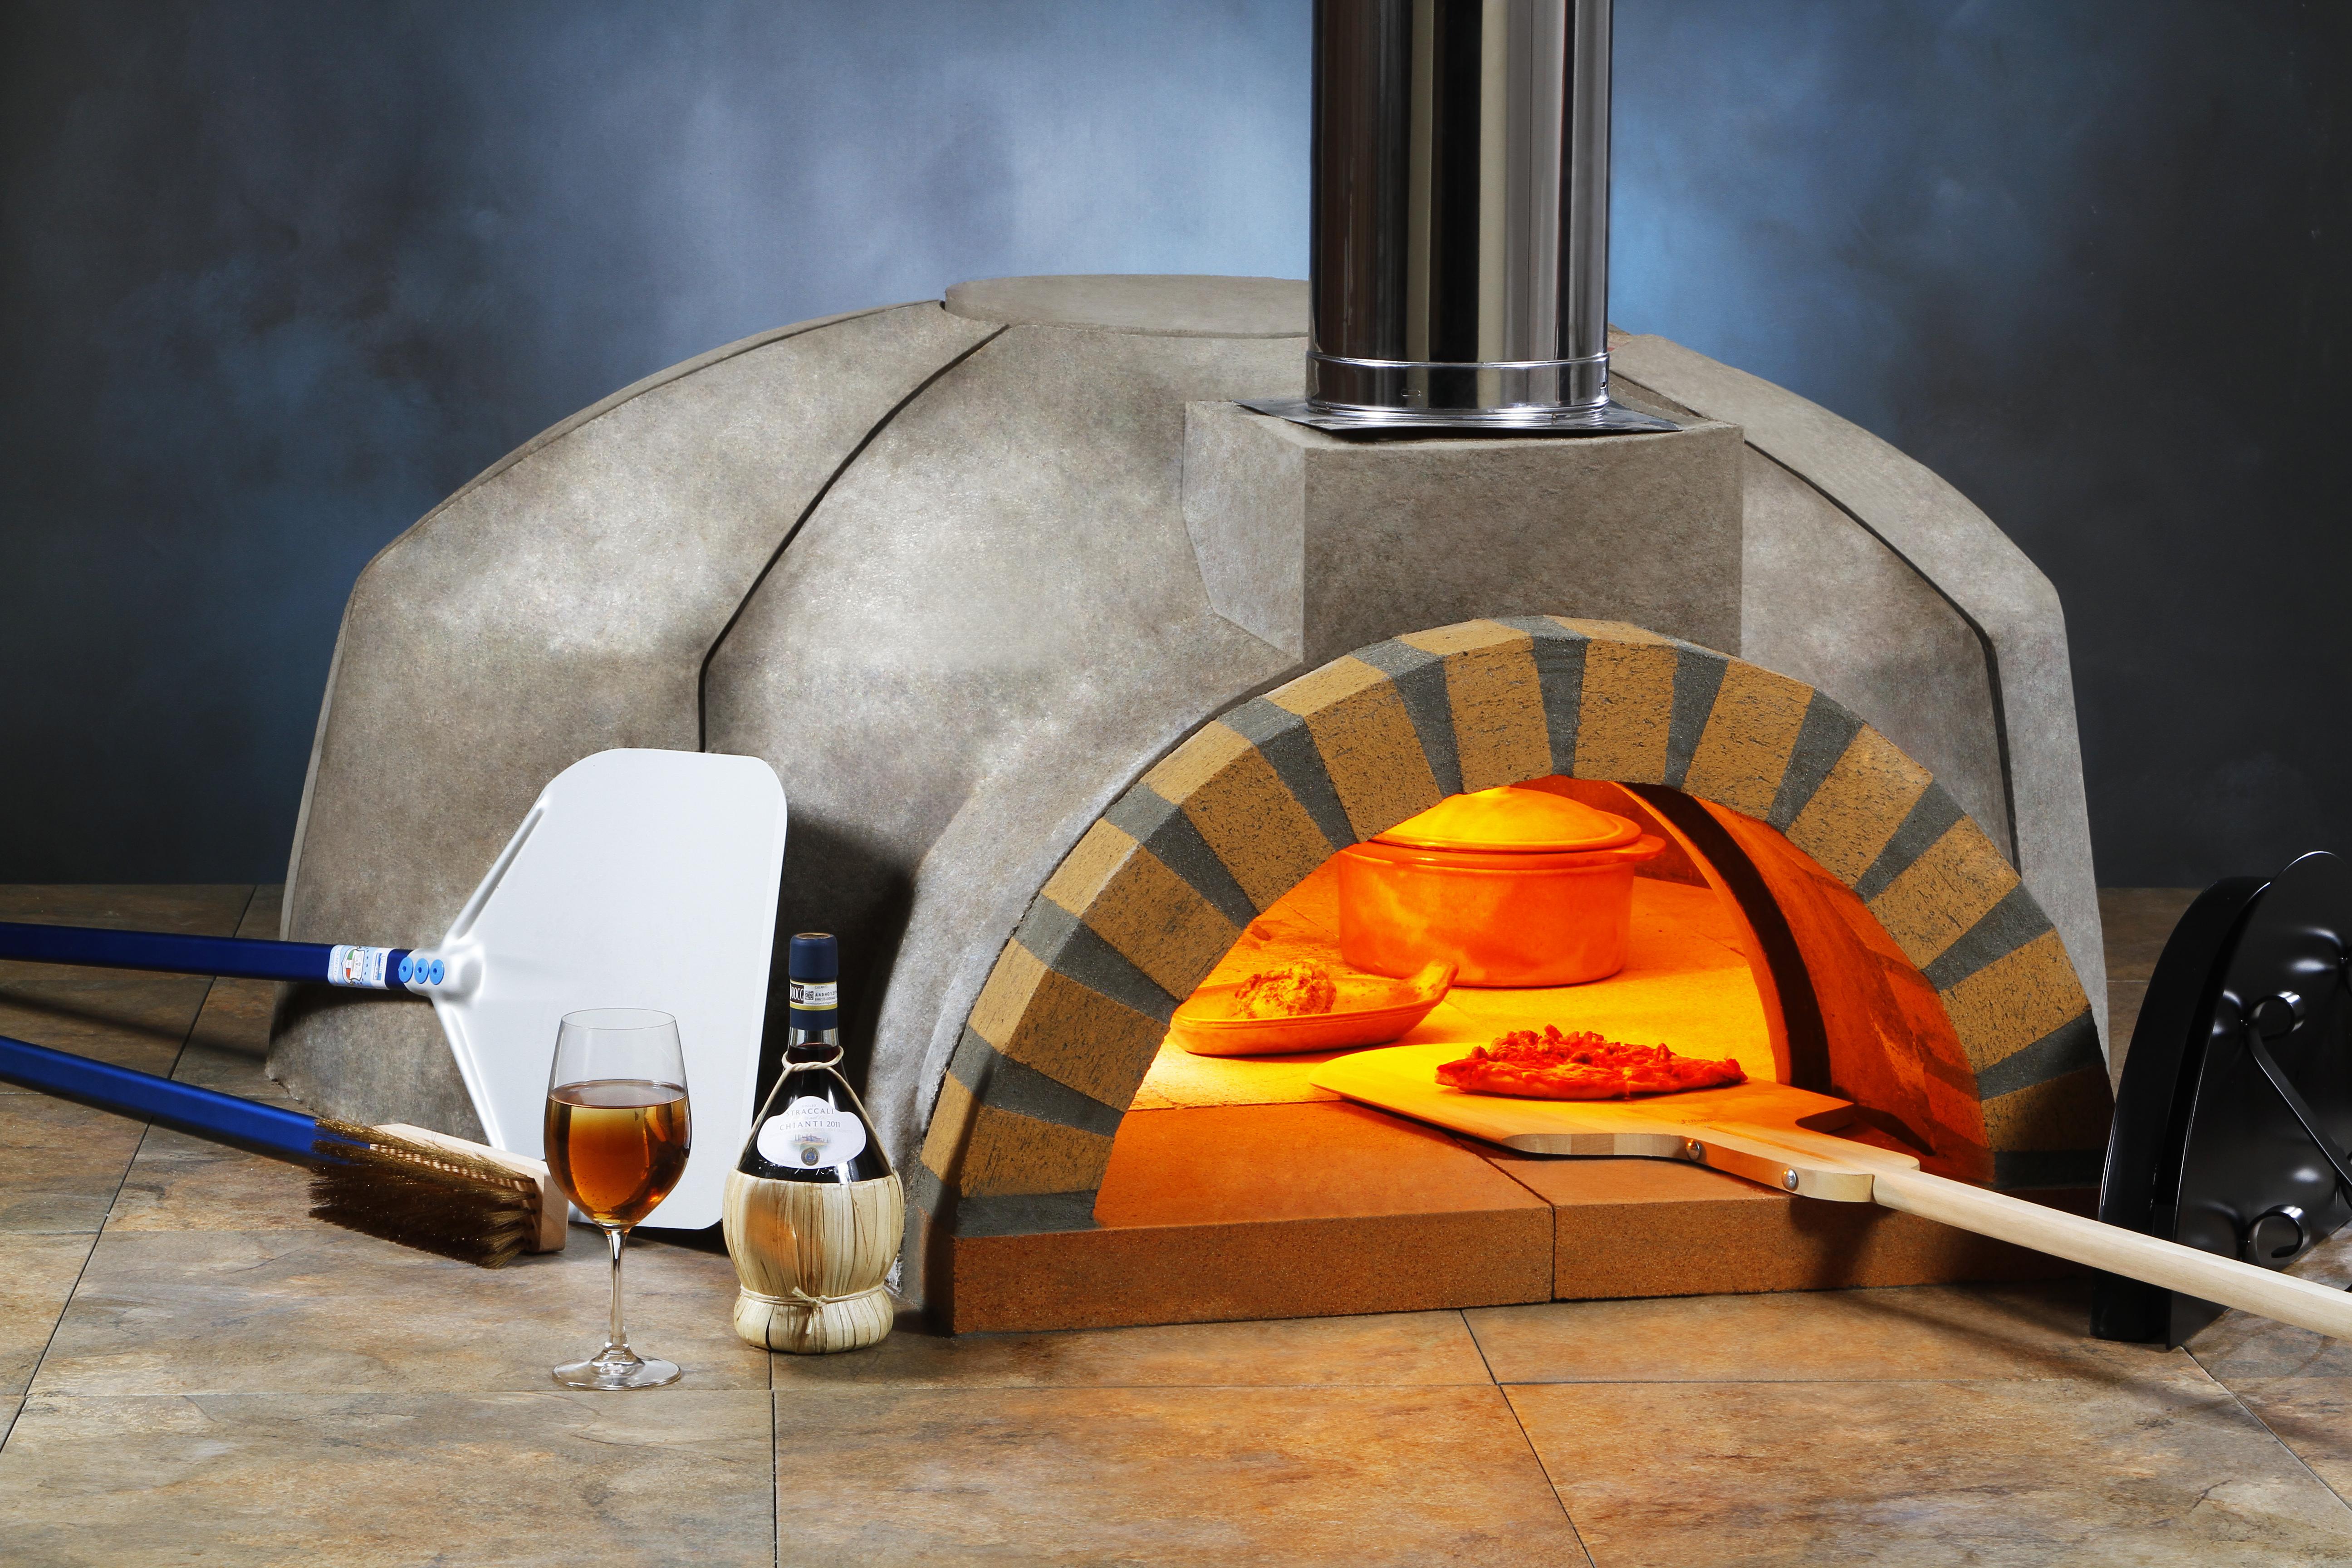 Forno Bravo Modena Commercial Oven